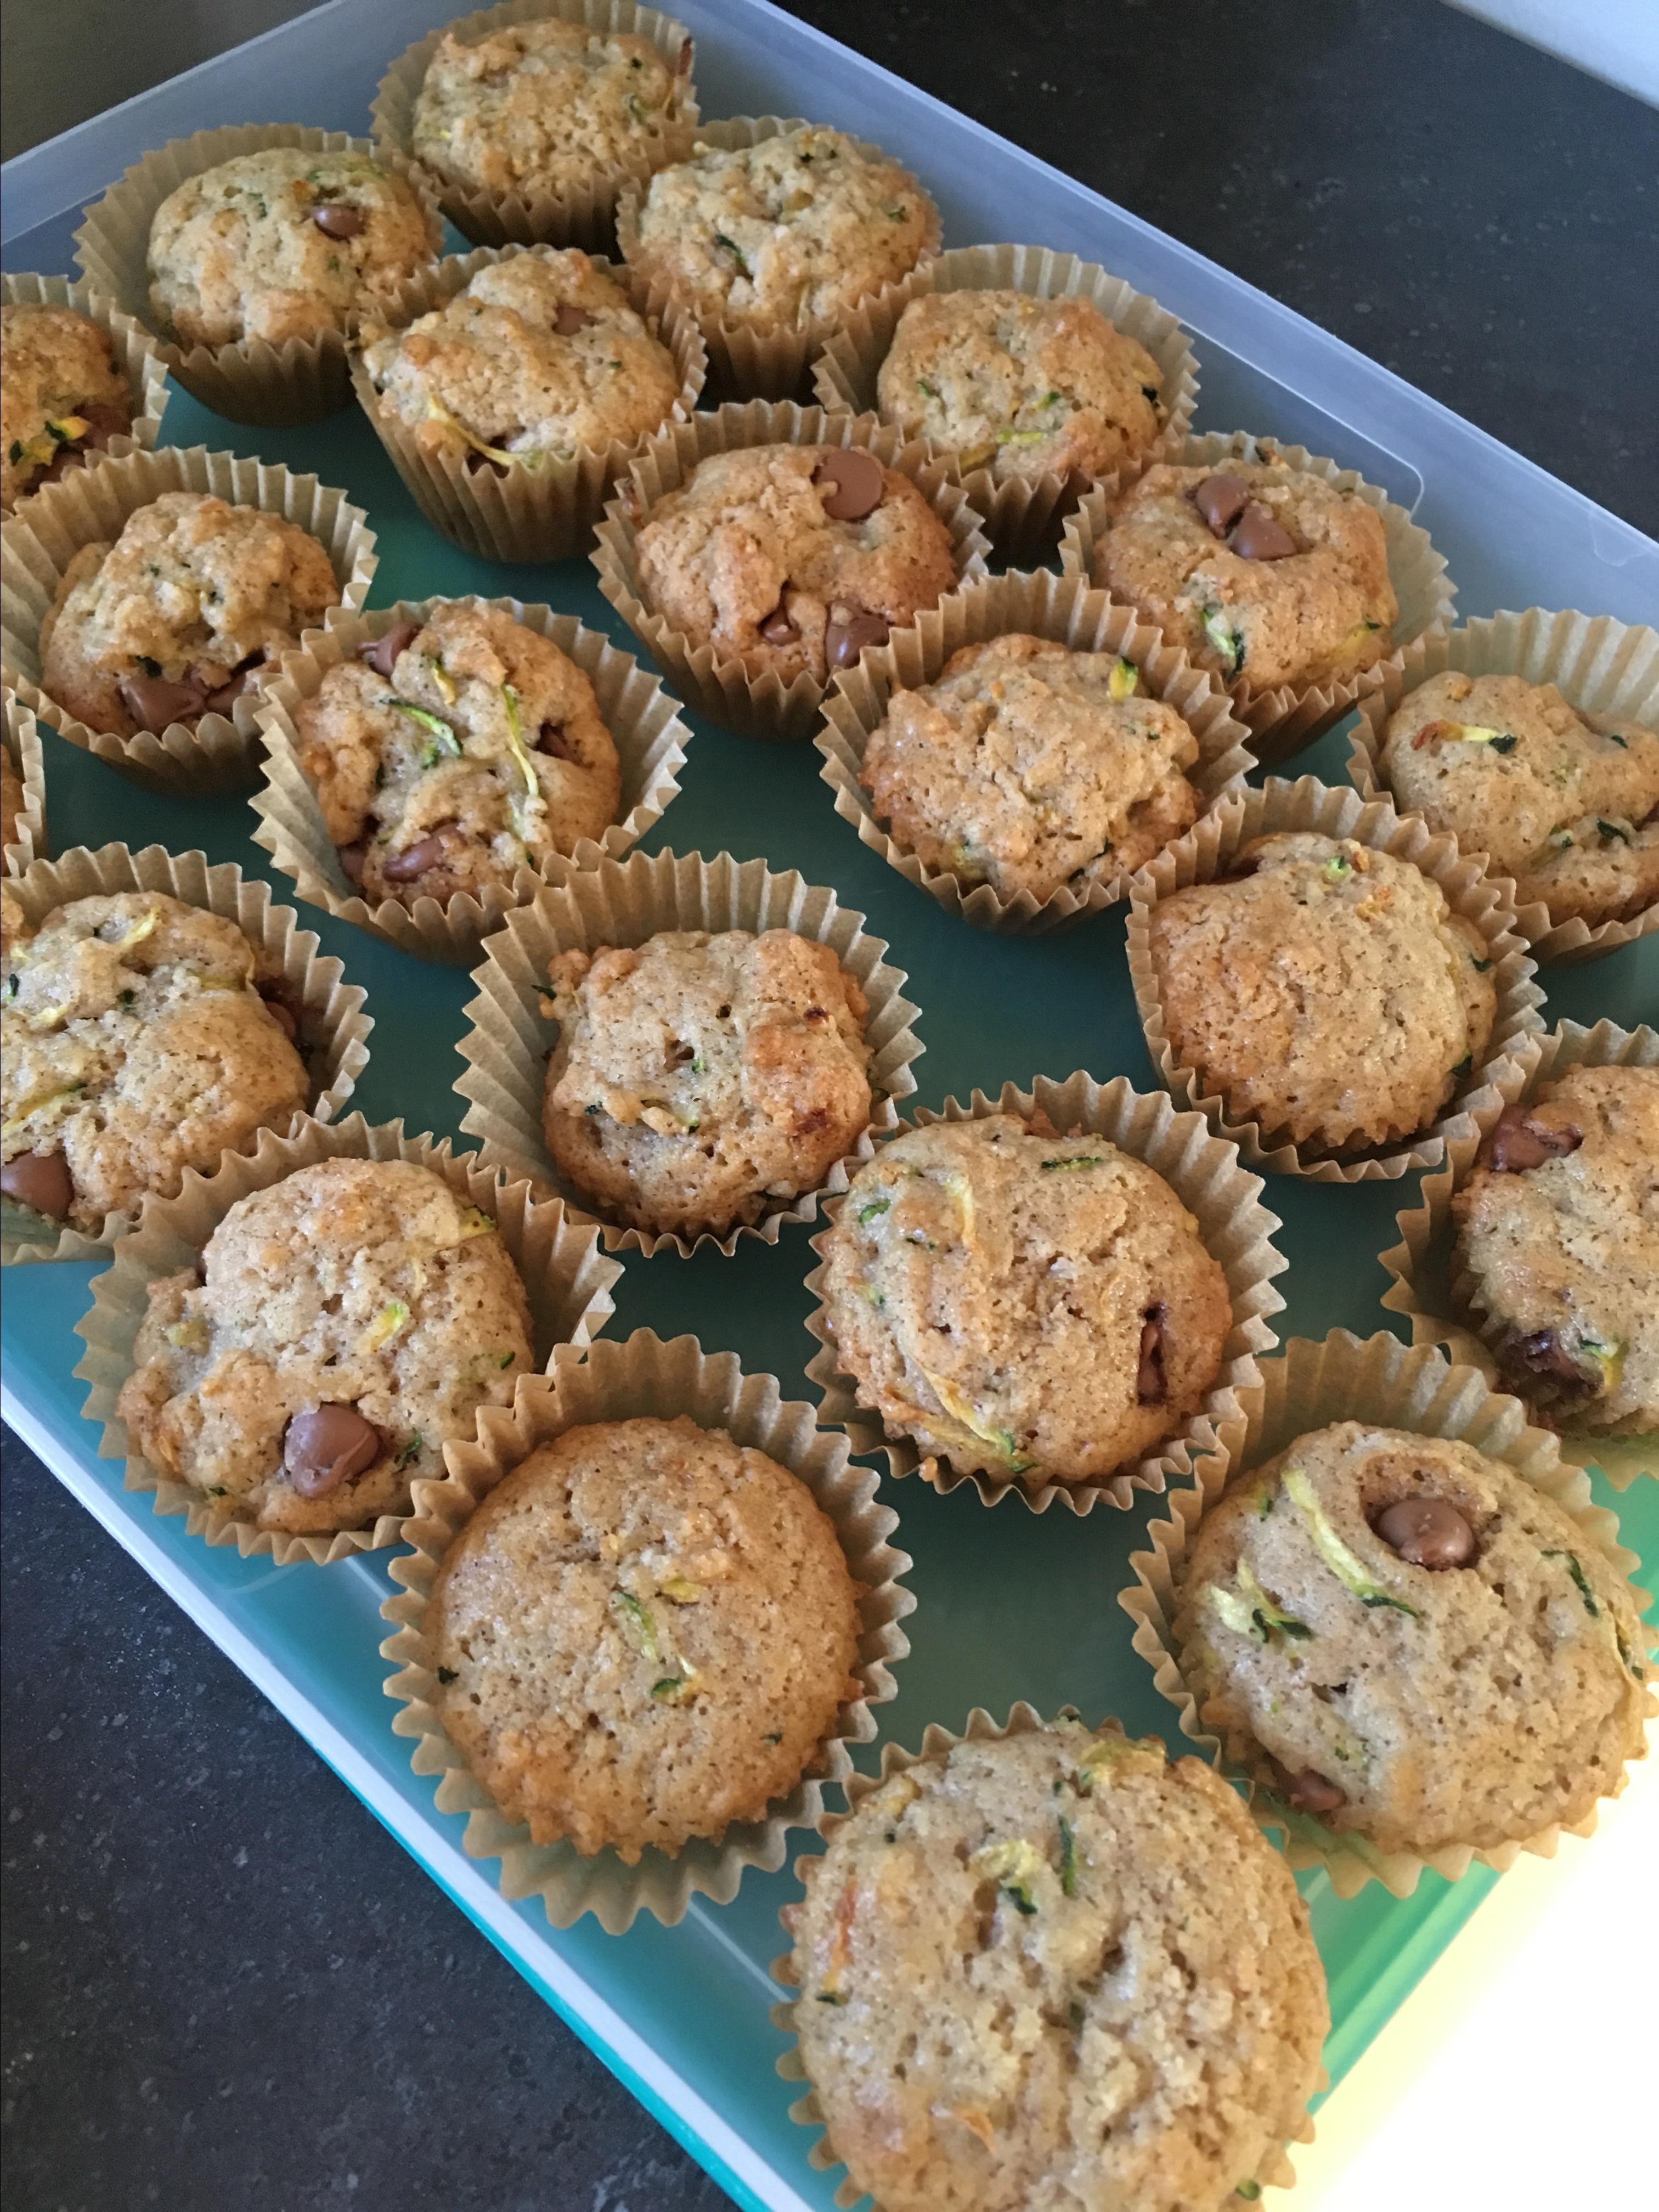 Zucchini-Chocolate Chip Muffins Brenda C. Homan